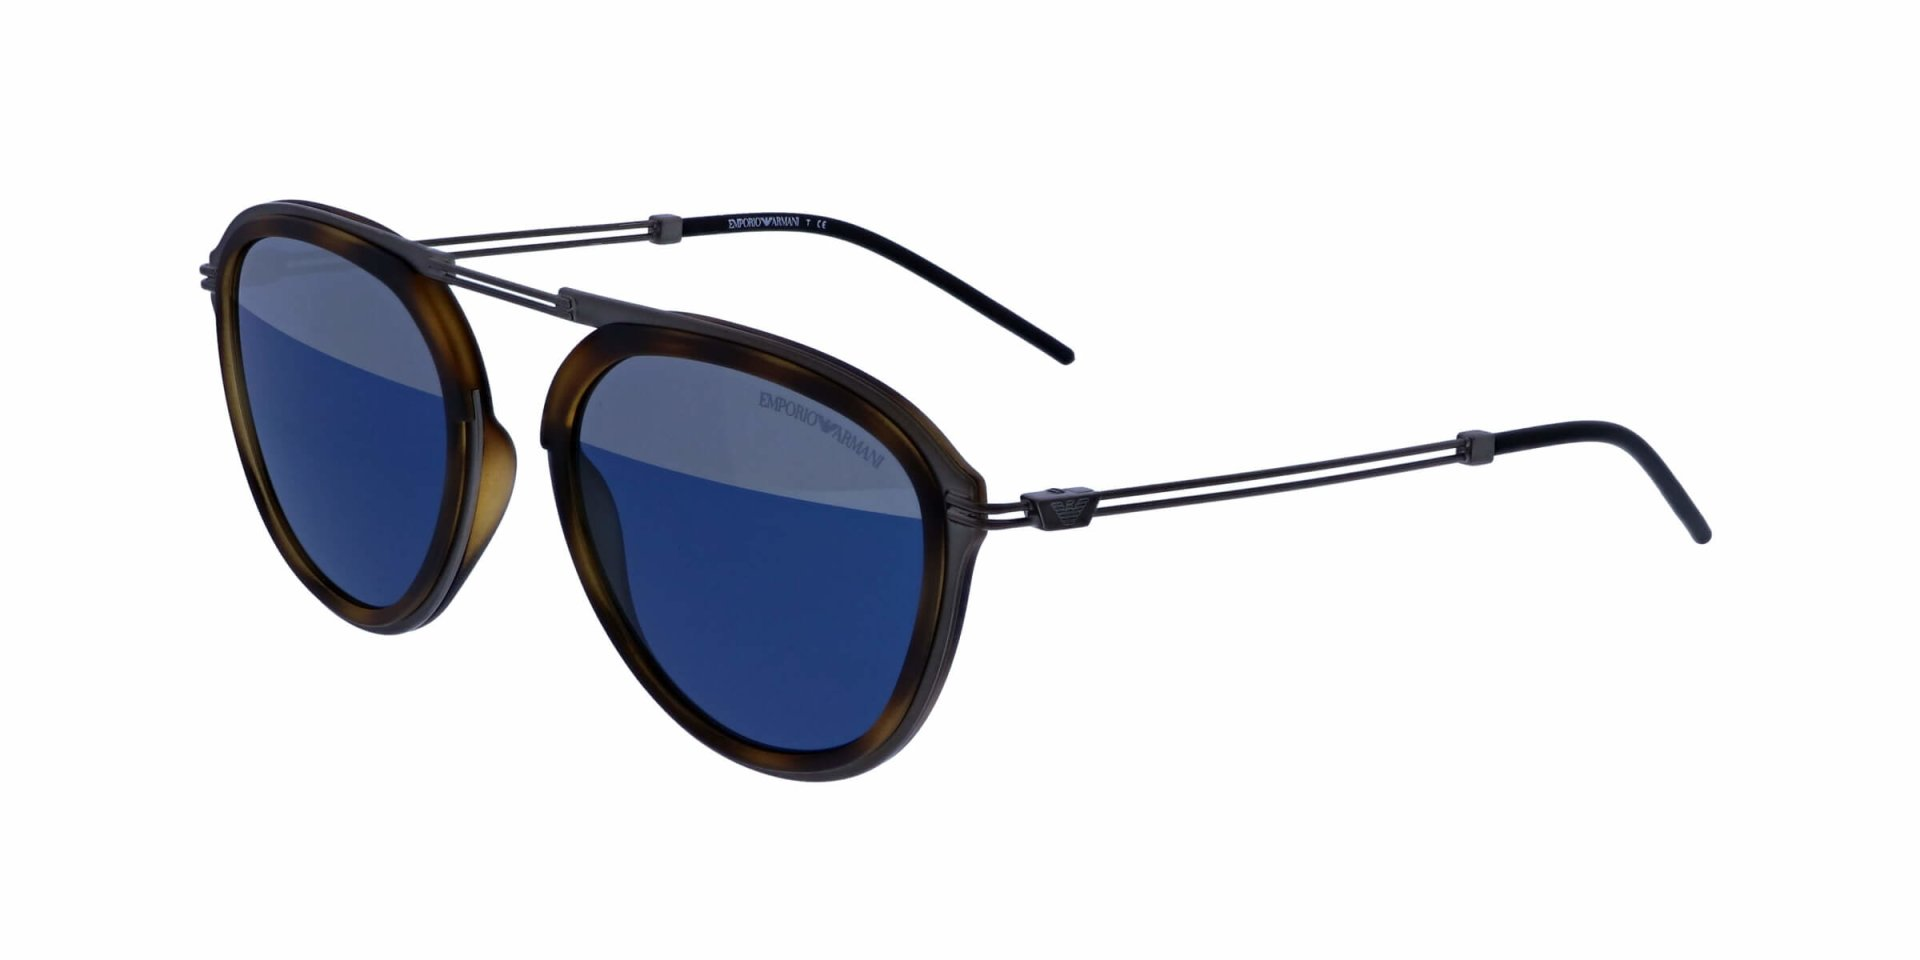 c51dd5858c95 Sunglasses EMPORIO ARMANI